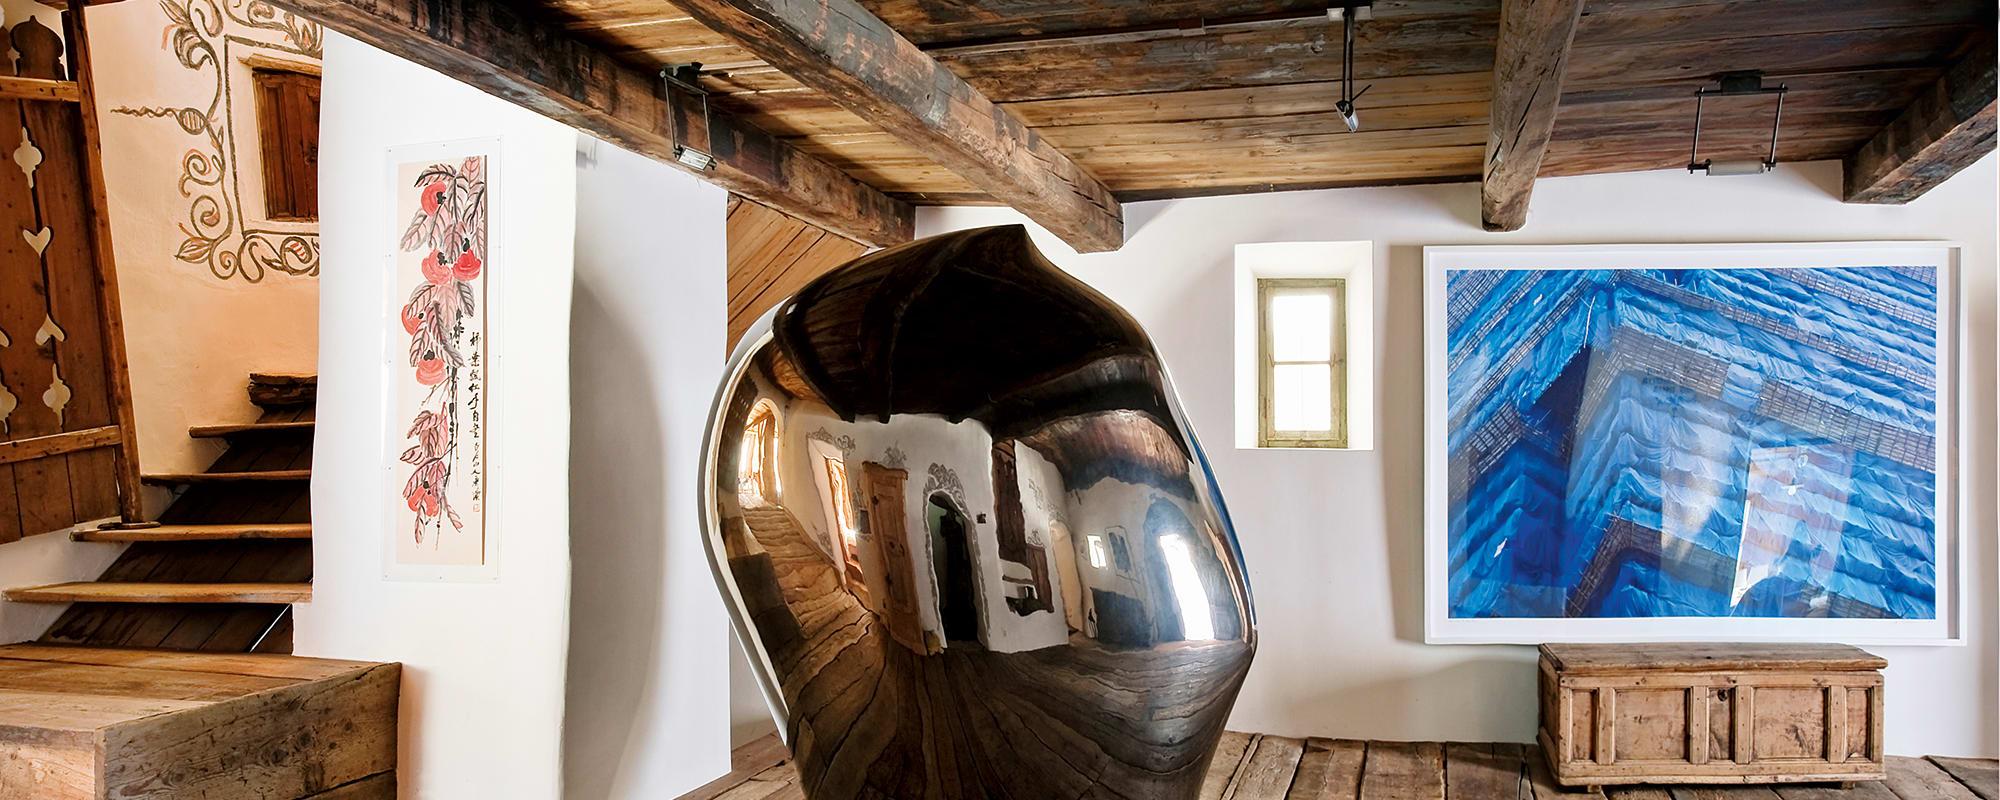 Unterengadin Bauernhaus, Duri Vital Bauernhaus, Not Vital Bildhauer Kopf, Peter Steinhauer, Qi Baishi